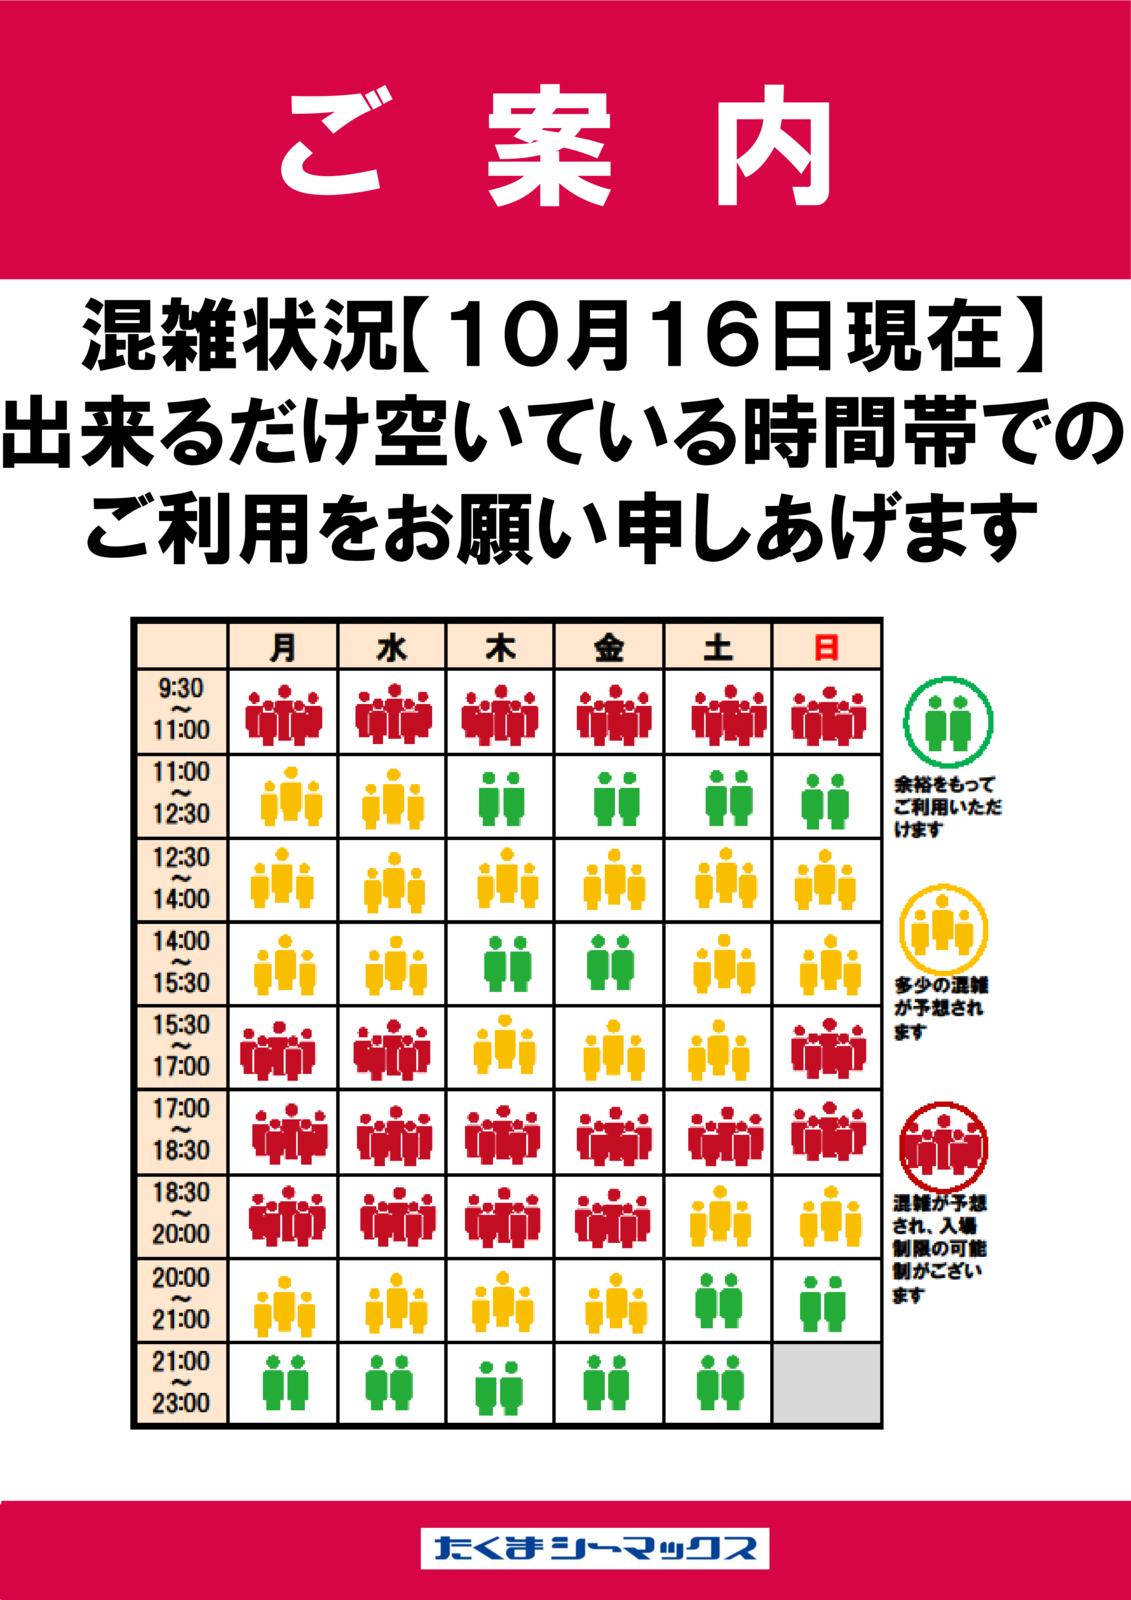 【1016】混雑状況のサムネイル